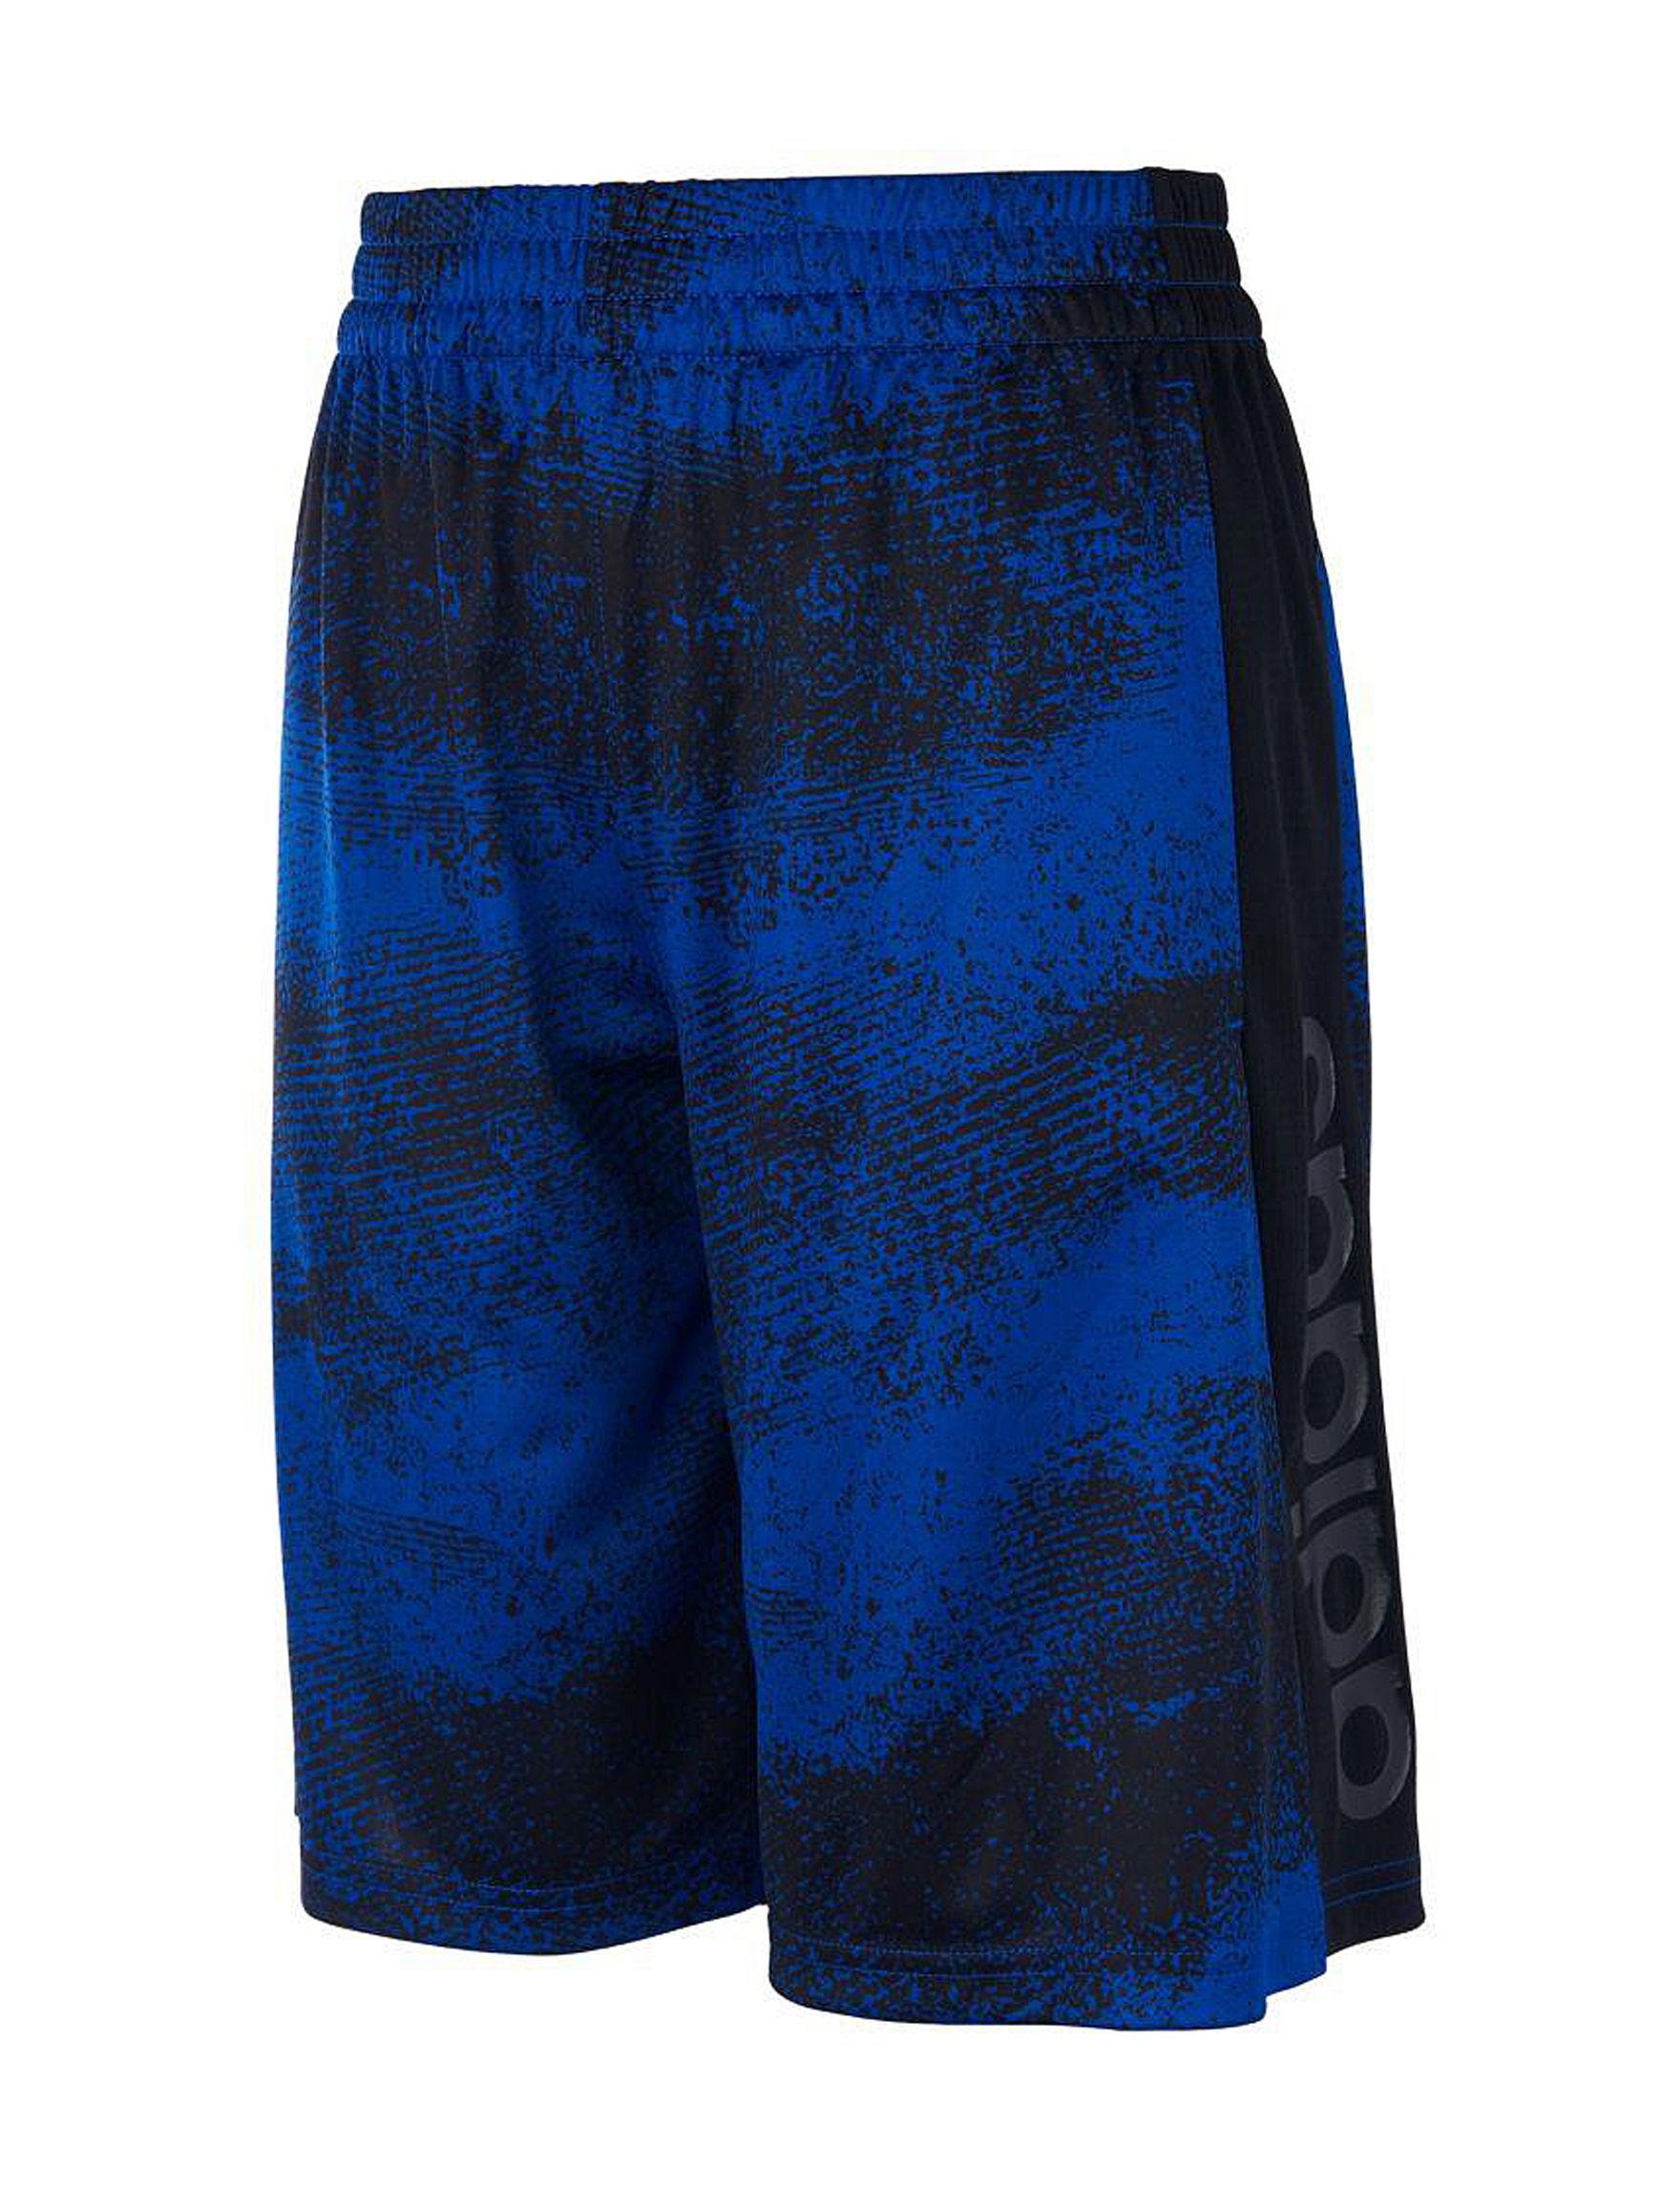 Adidas Royal Blue Loose